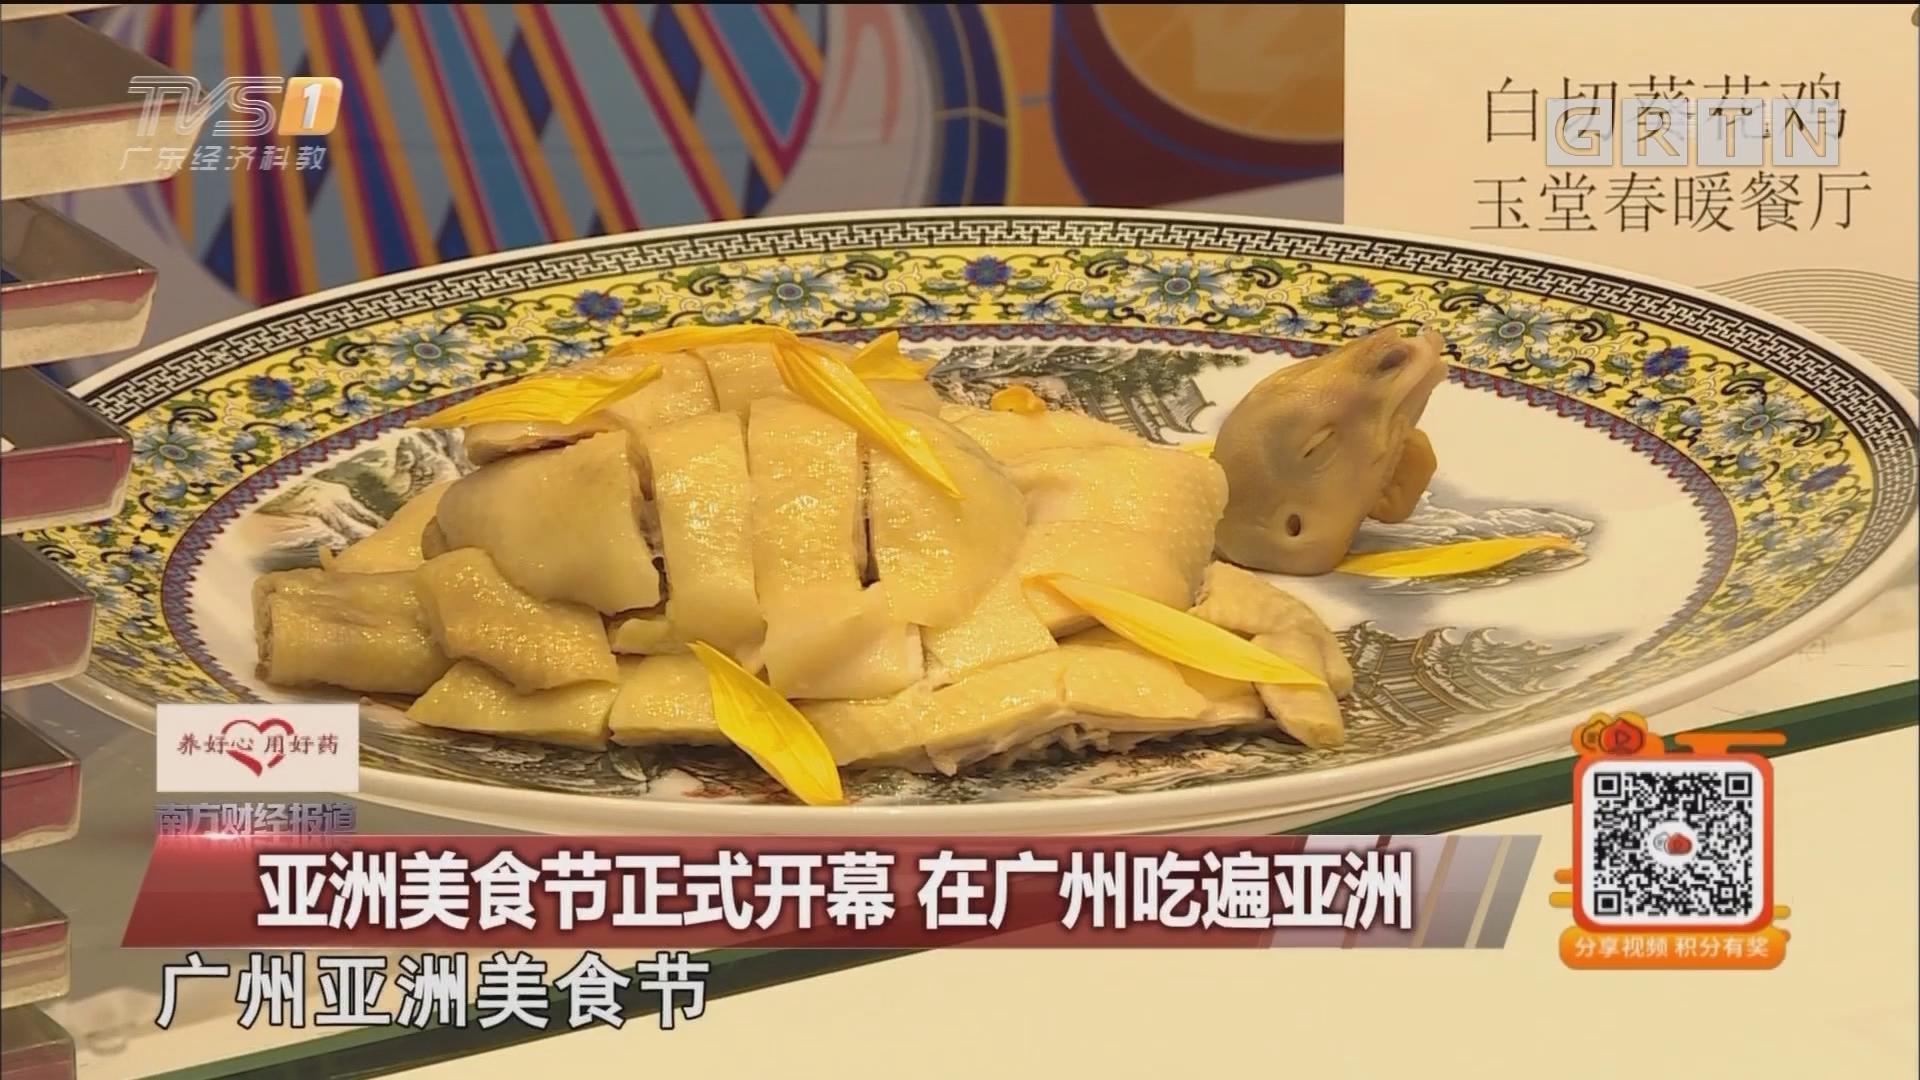 亚洲美食节正式开幕 在广州吃遍亚洲